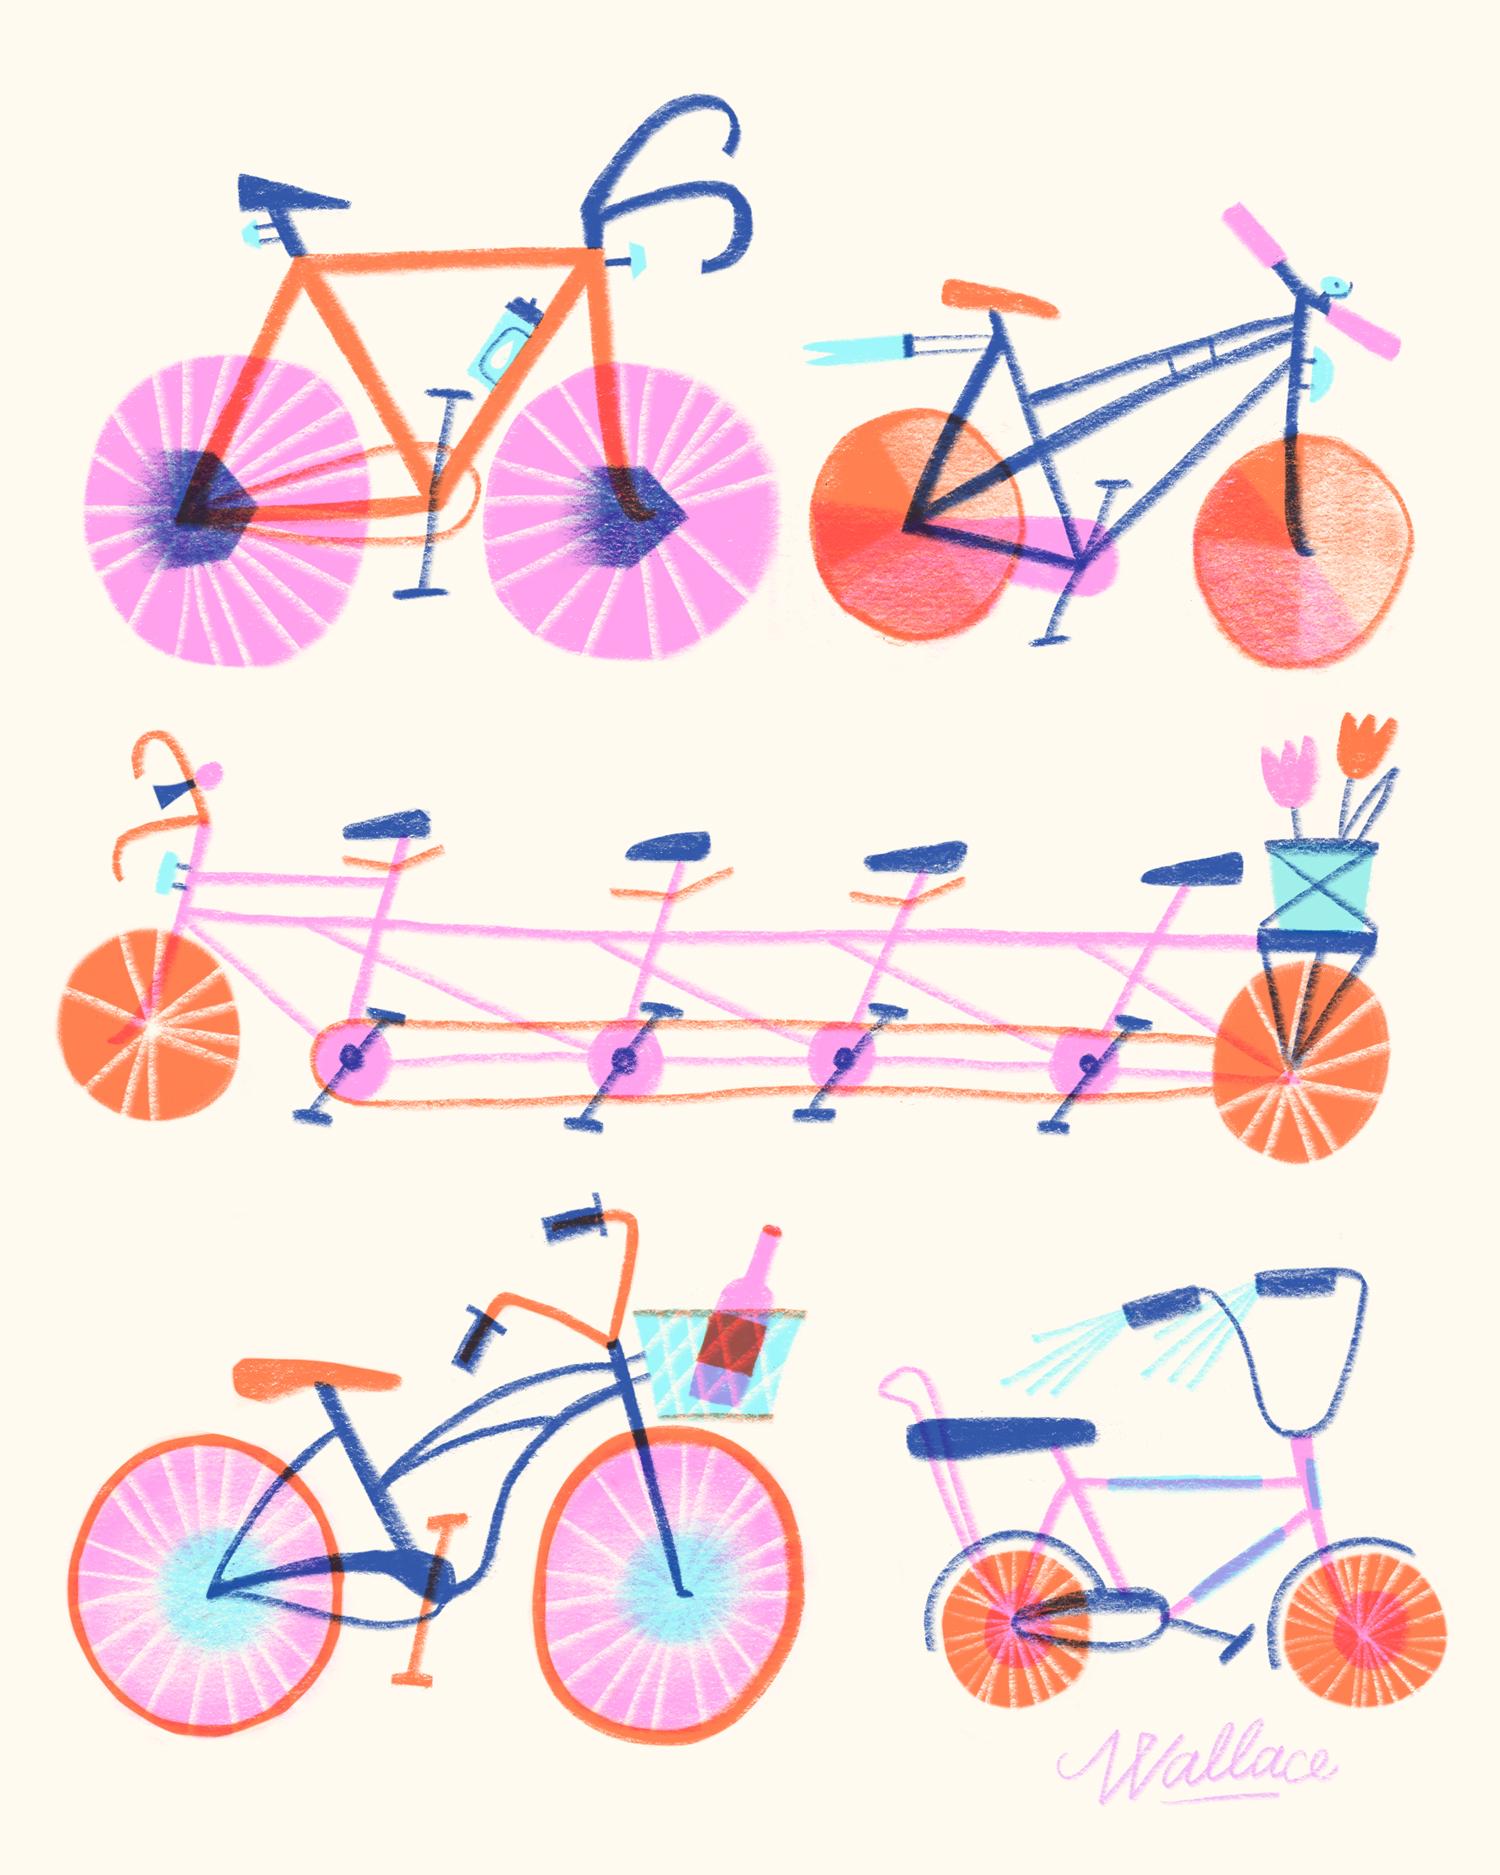 bikes-illustration-erin-wallace.jpg